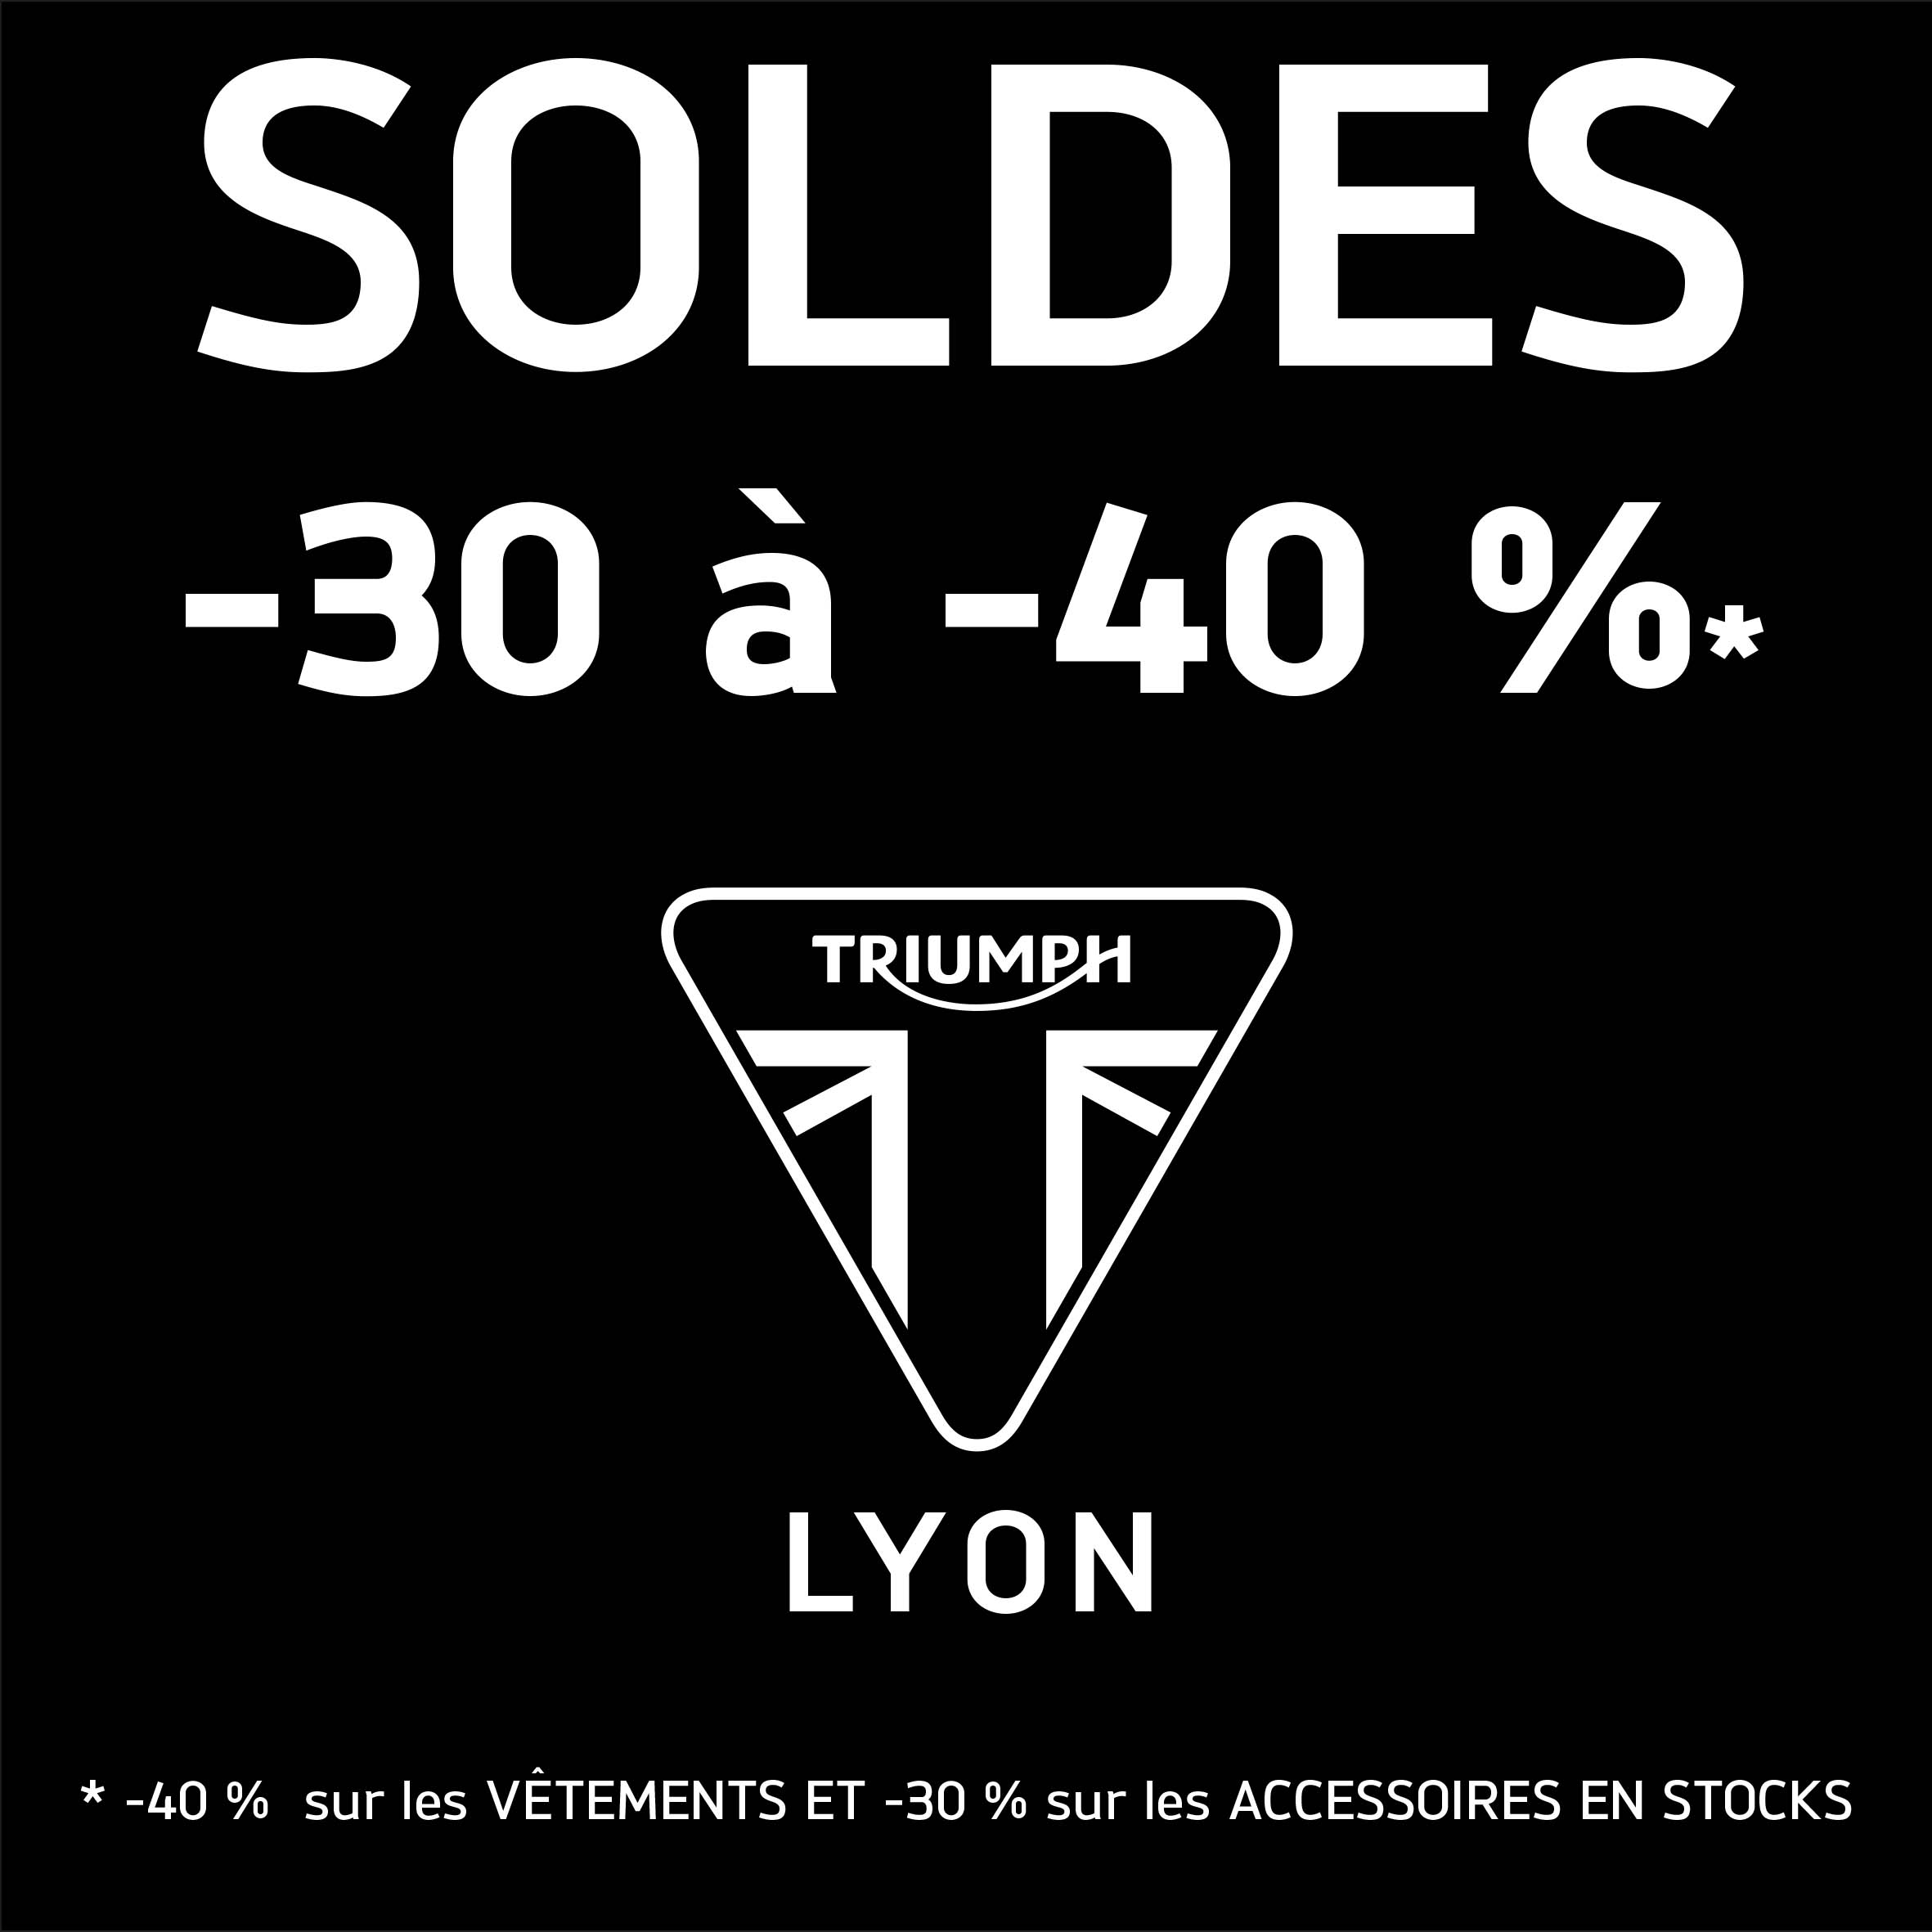 Solde du 28 juin au 8 ao t 2017 actualit de triumph lyon - Solde derniere demarque ...